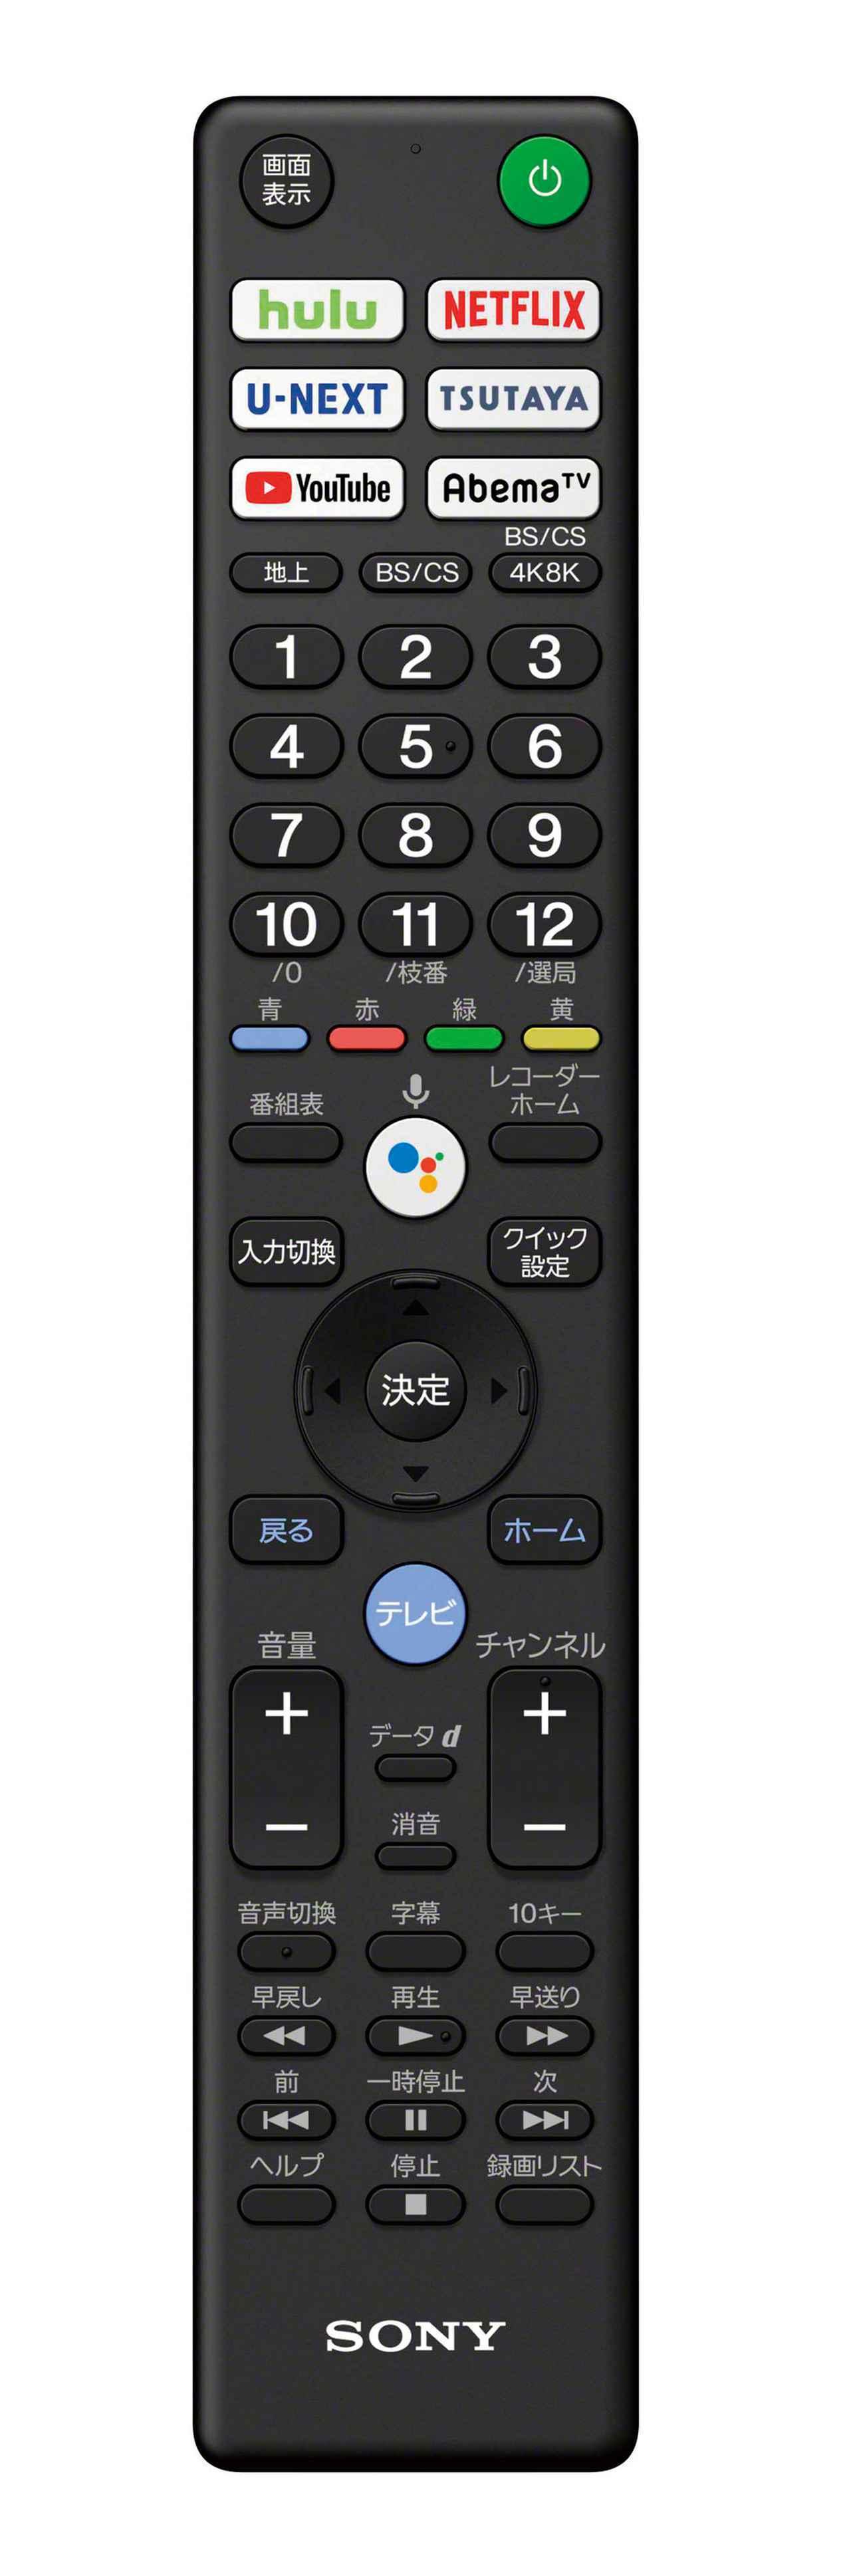 画像6: メーカー別最新4K/8Kテレビラインナップ⑥『ソニー ブラビア』デバイスを超えて高画質を追求。視野角の広さと、さくさく動作にも注目